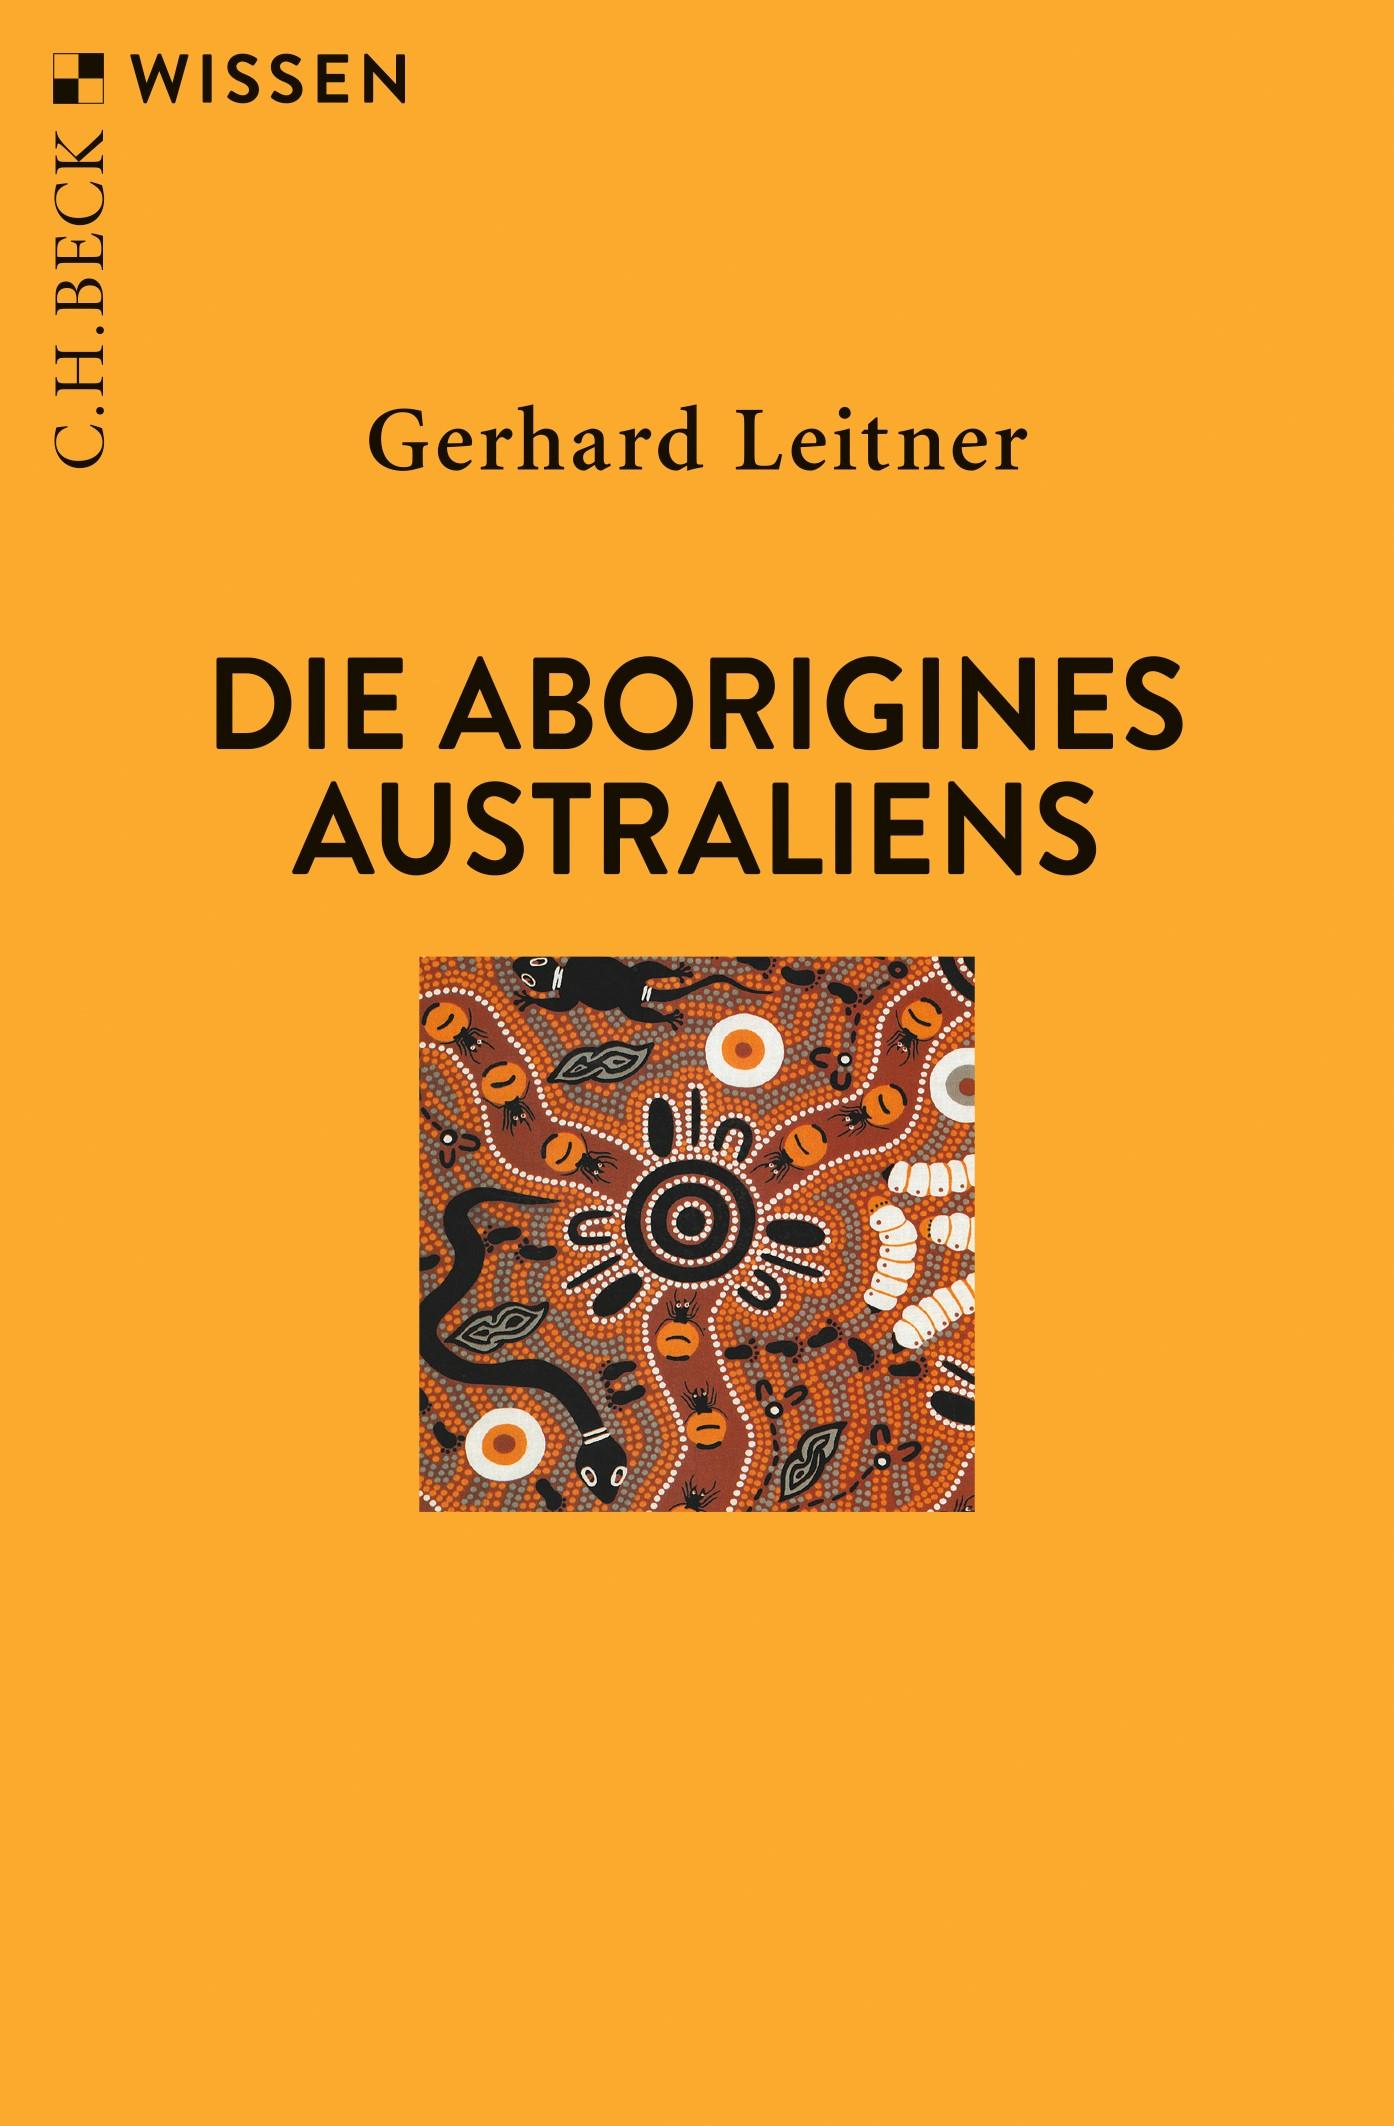 Abbildung von Leitner, Gerhard | Die Aborigines Australiens | 3., überarbeitete Auflage | 2019